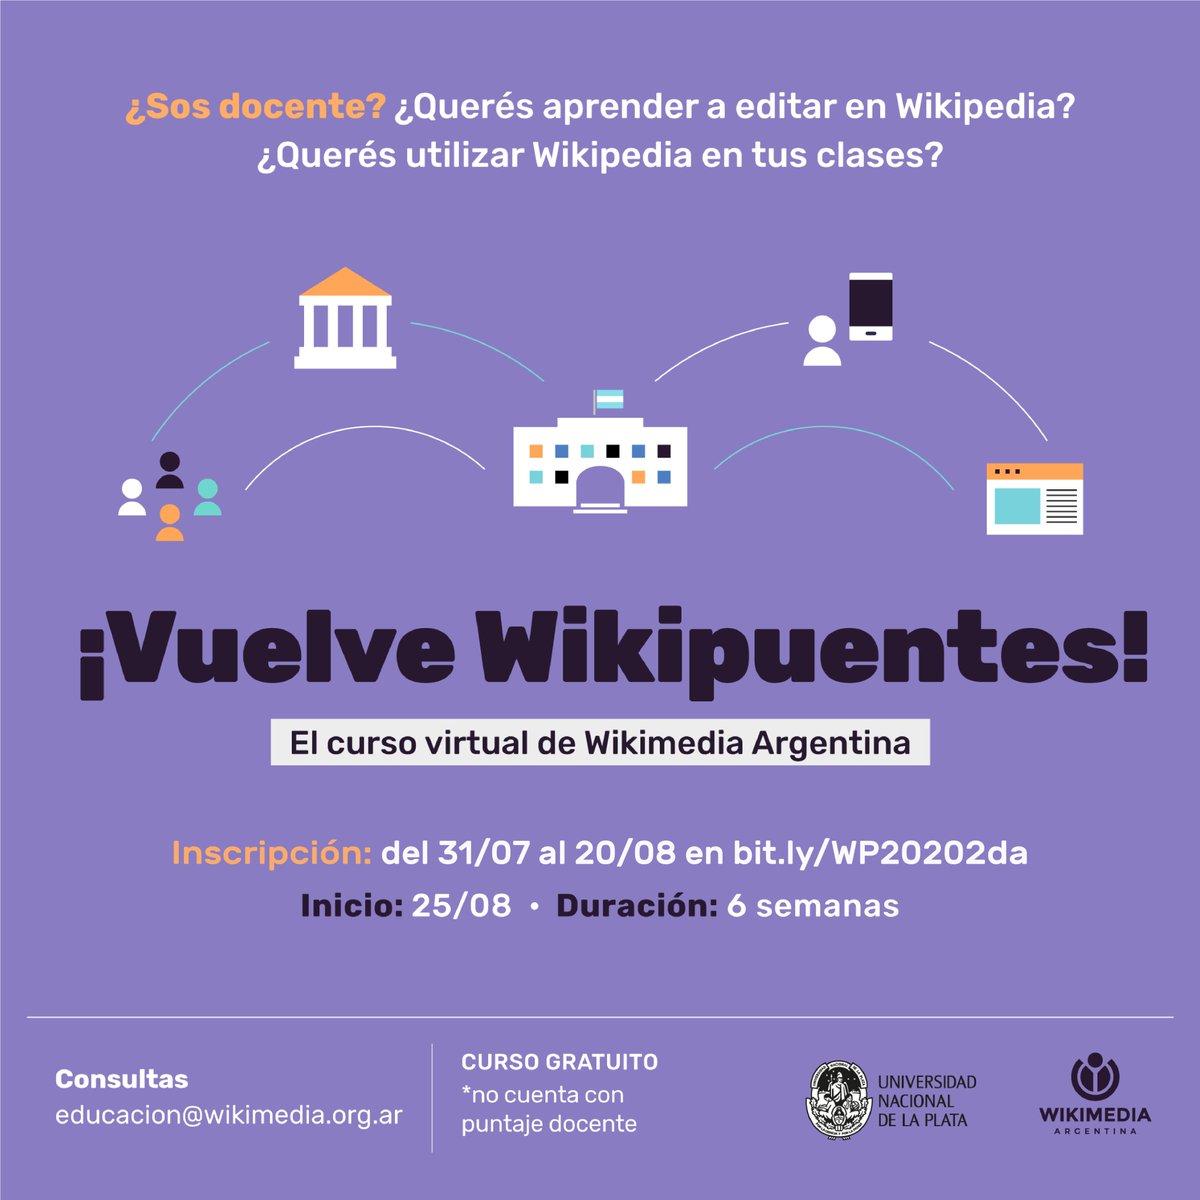 #Wikipuentes 📚 | Con el apoyo de @unlp, ¡vuelve el curso virtual de Wikimedia Argentina para docentes!  ✍️ Aprendé a editar en Wikipedia y utilizala como recurso educativo.  🗓️ Comienza el 25/08 y tiene seis (6) semanas de duración.  🔗 Anotate en https://t.co/NbQKnpdM55 https://t.co/yXBsbNHY34